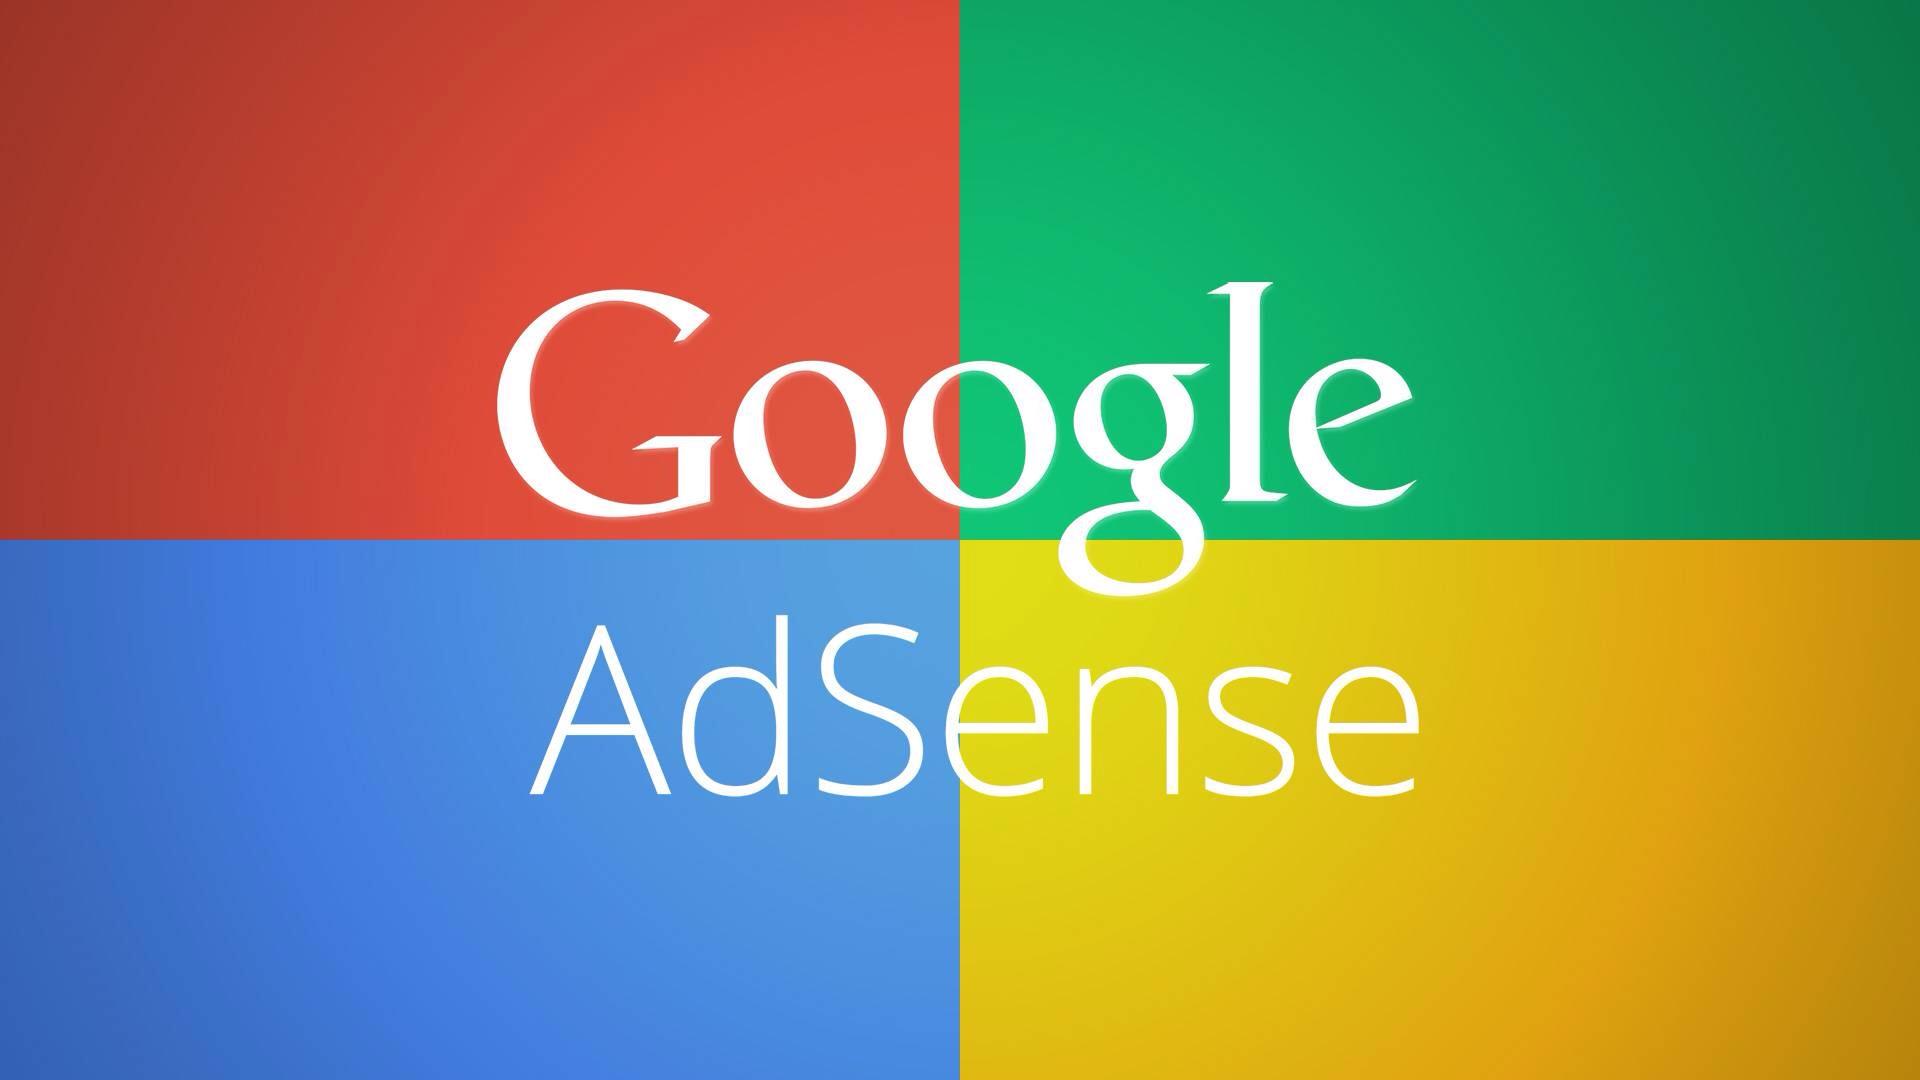 Вебмастера жалуются на проблемы с Google AdSense